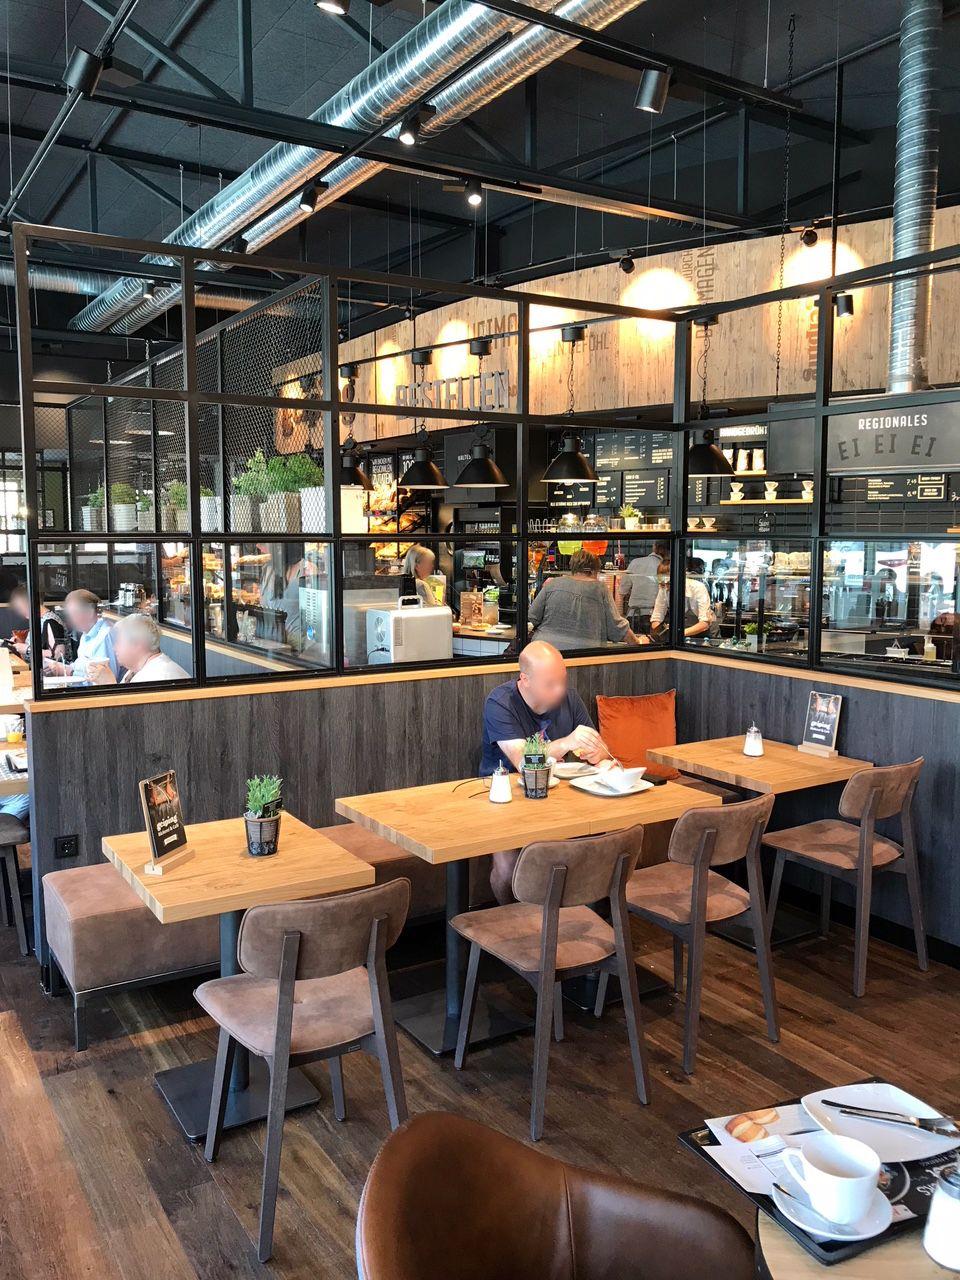 Untypisch Backerei Wohnlich Freundlich Verspielt All Diese Attribute Treffen Auf Die Einrich Gastronomie Mobel Gastronomieeinrichtung Cafe Einrichtungen